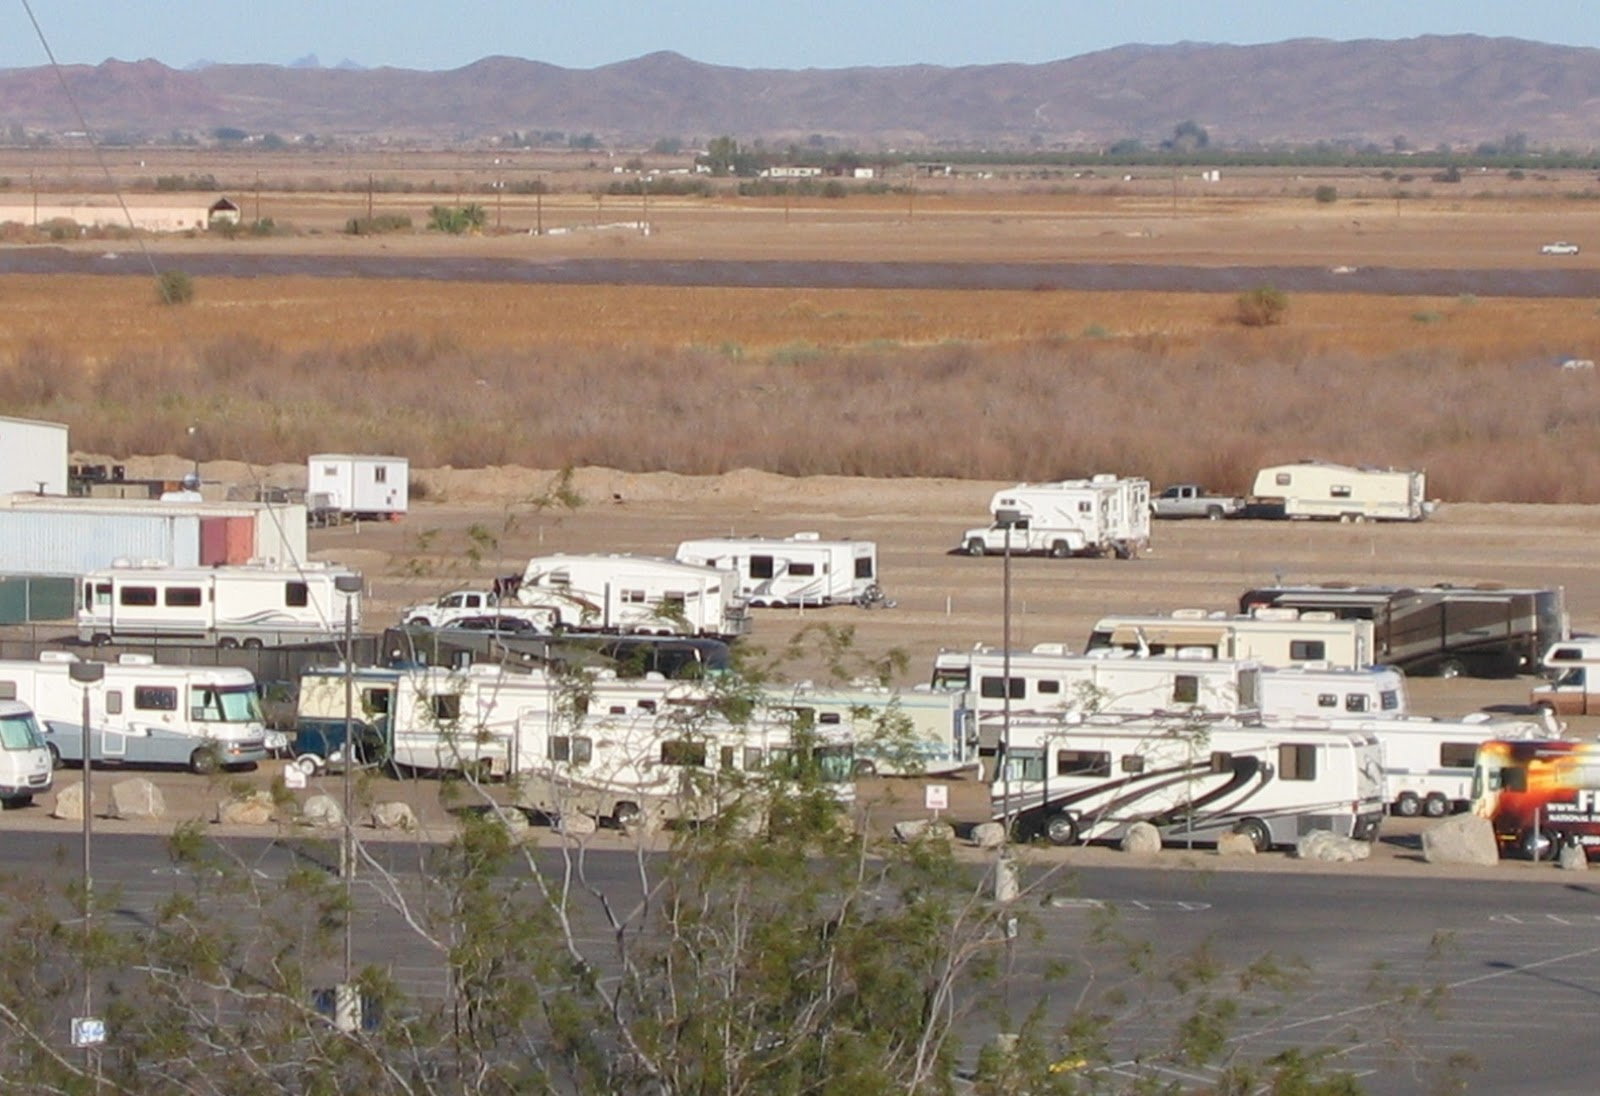 Casino around yuma az / Casino scene desert